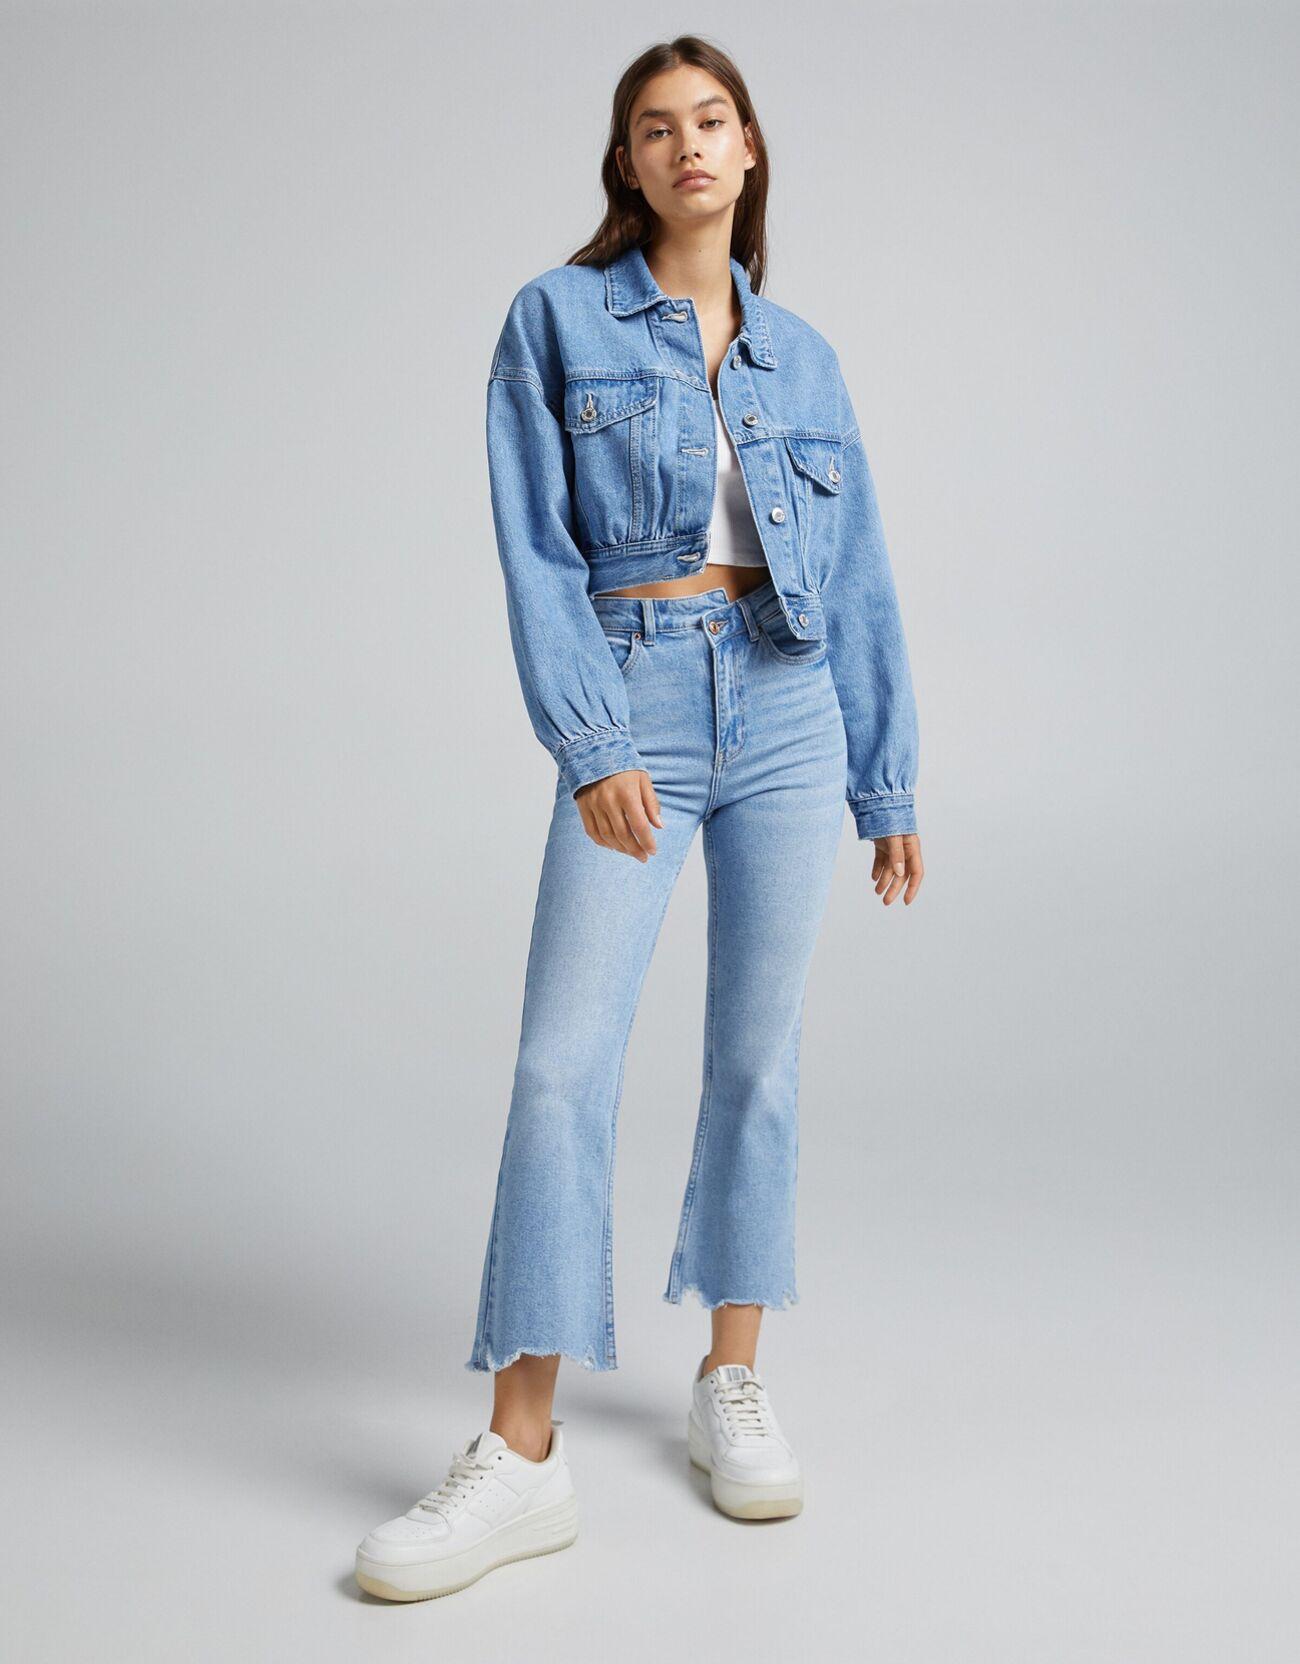 Укороченная джинсовая куртка Синий застиранный Bershka